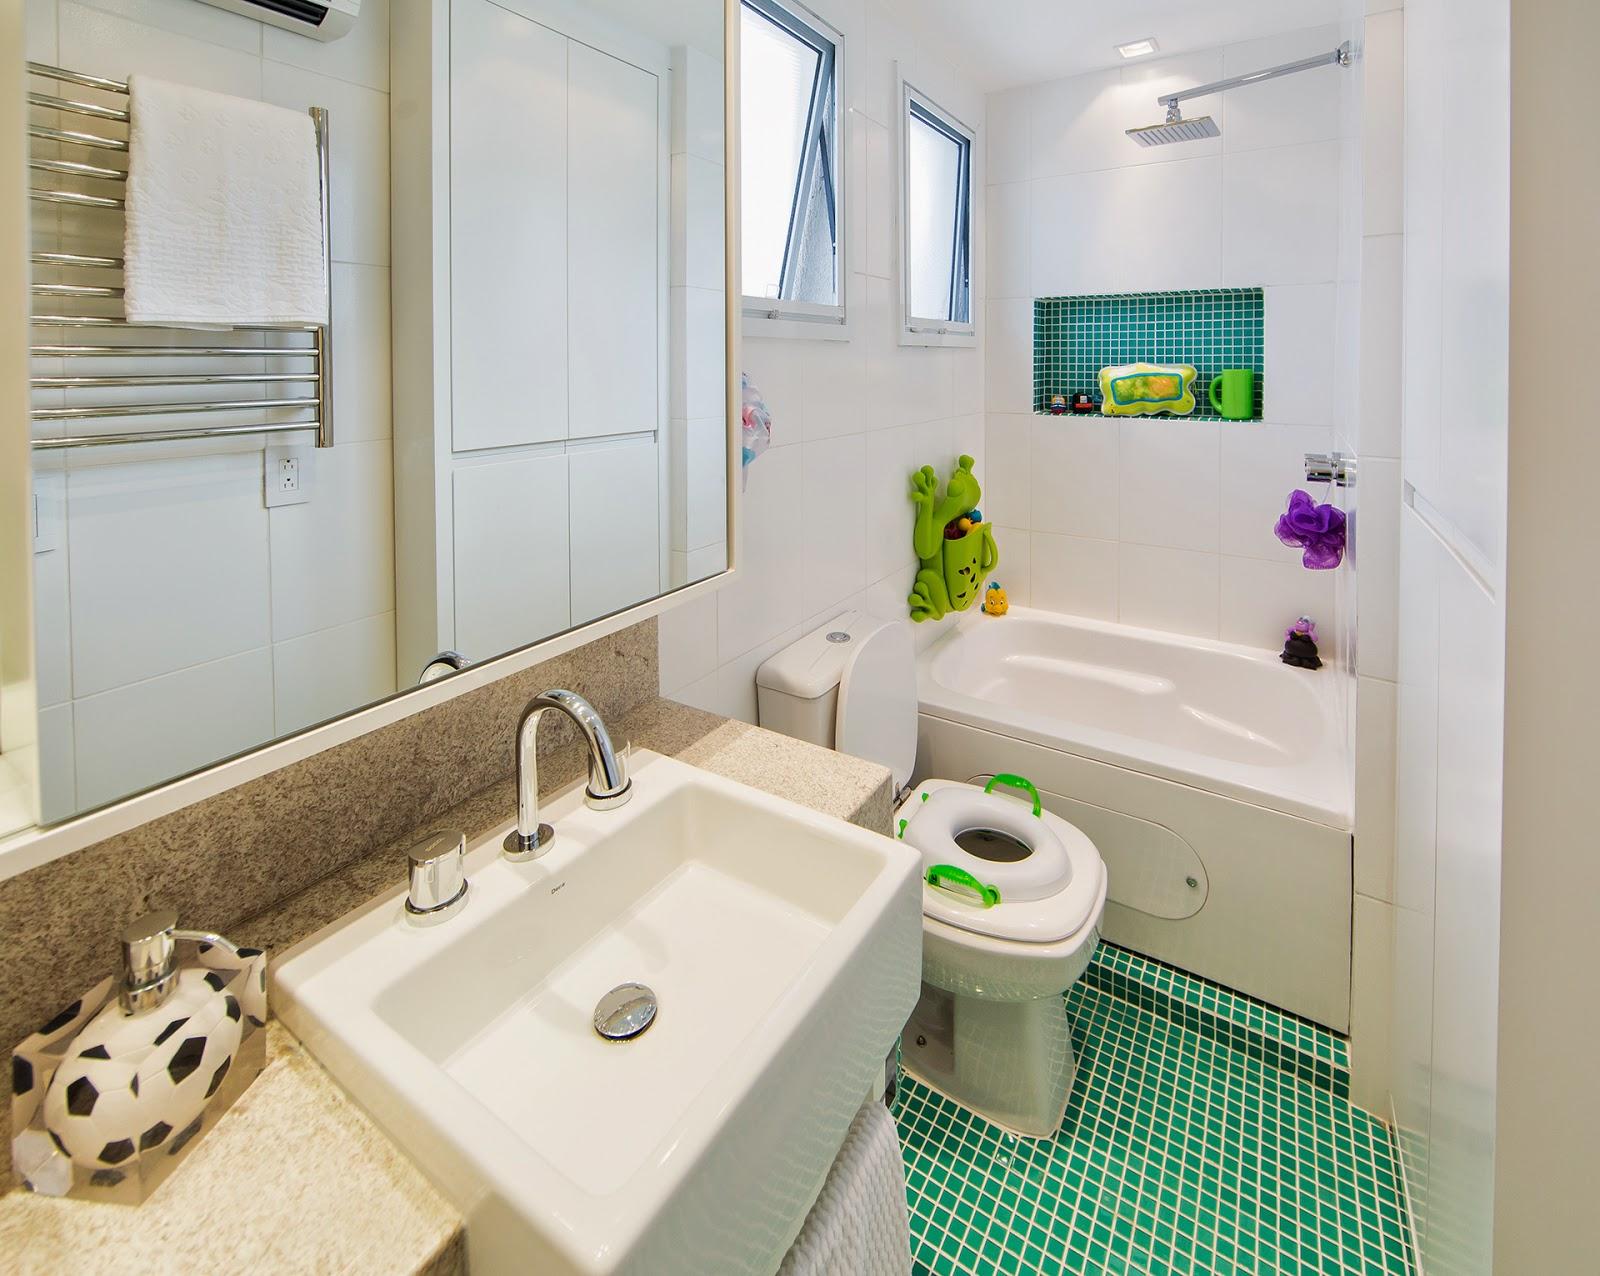 Ideias de decoração para o banheiro infantil dos sonhos – Casinha Bonita -> Banheiro Comprido E Estreito Com Banheira